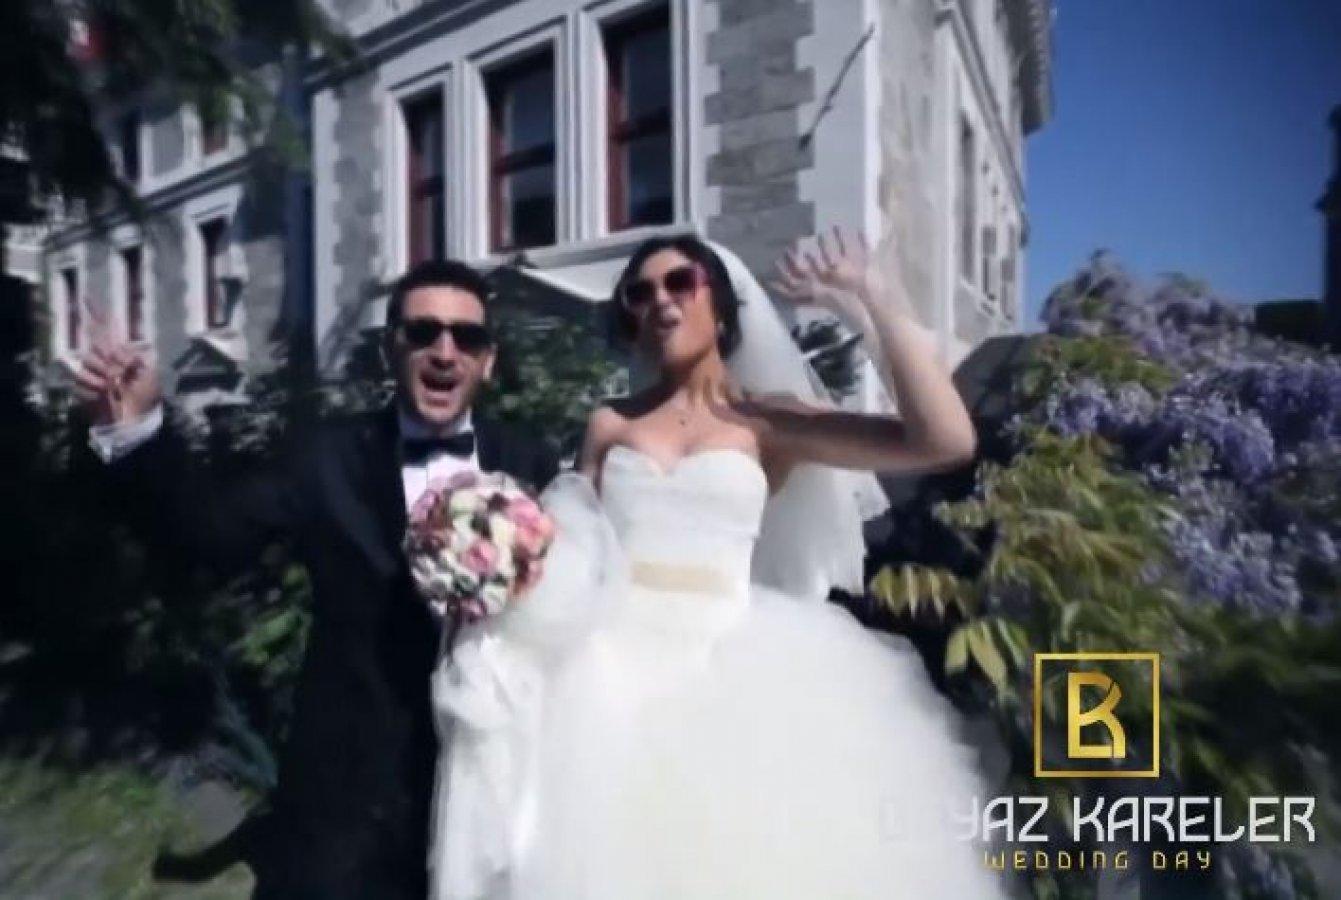 Düğün ikinci gün senaryosu